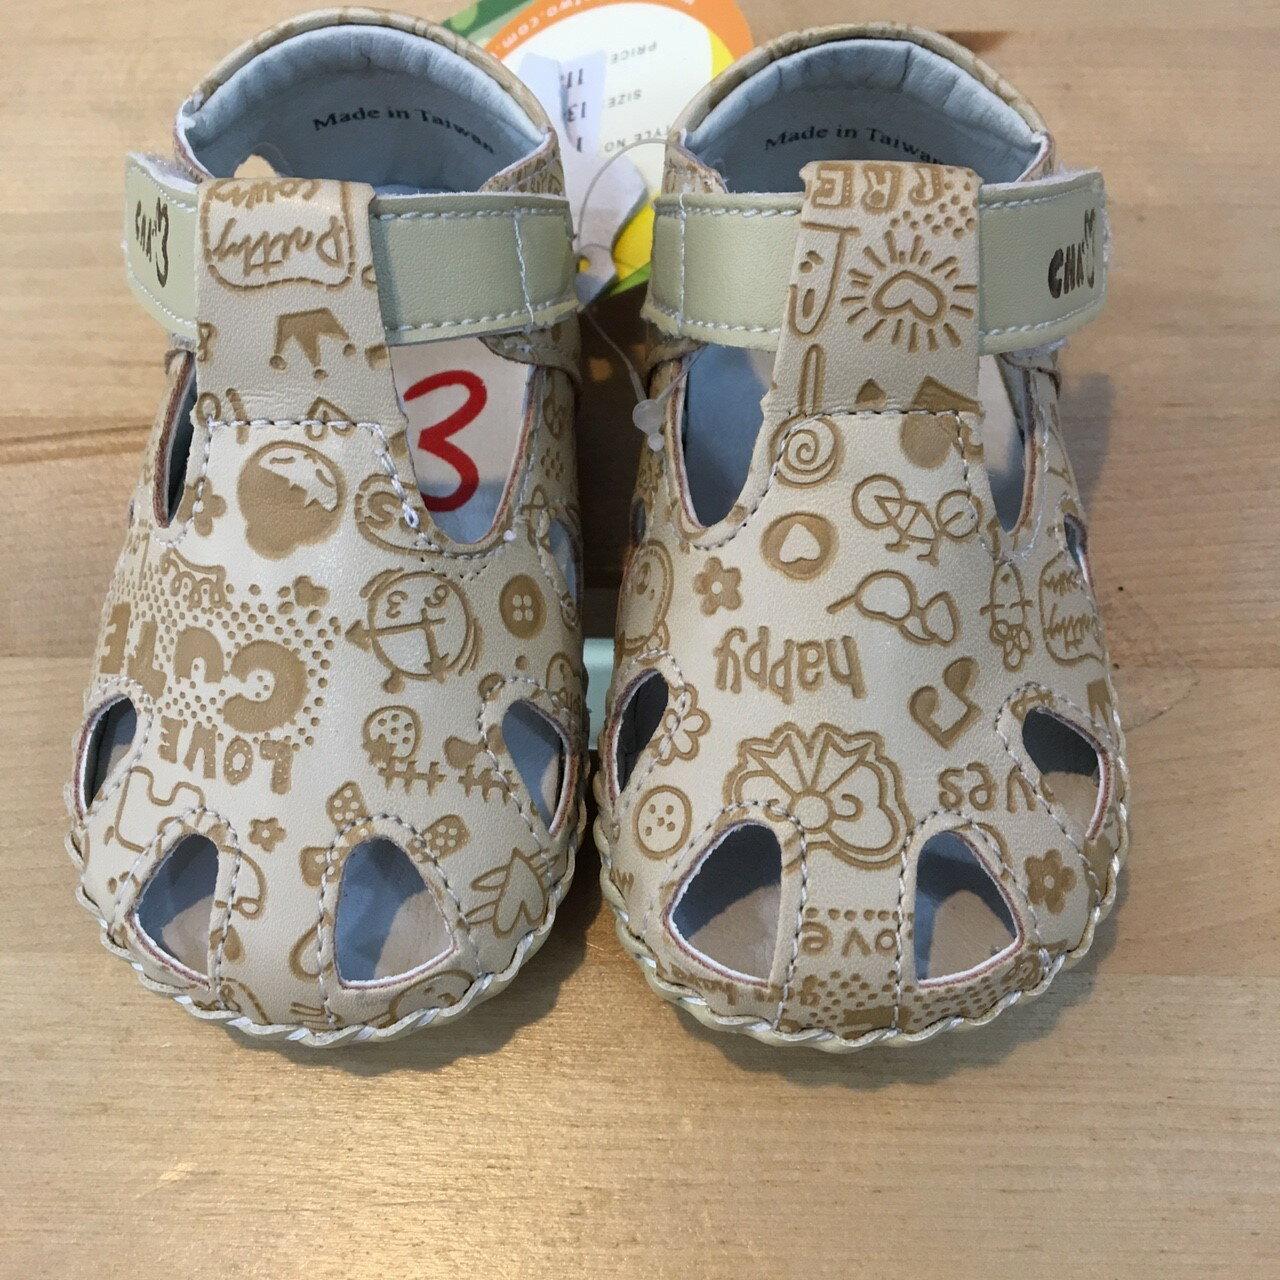 【禾宜精品】五折學步鞋 壓紋 米色 真皮鞋墊 天鵝 CHA CHA TWO 涼鞋 手工鞋 寶寶 台灣製造 童鞋